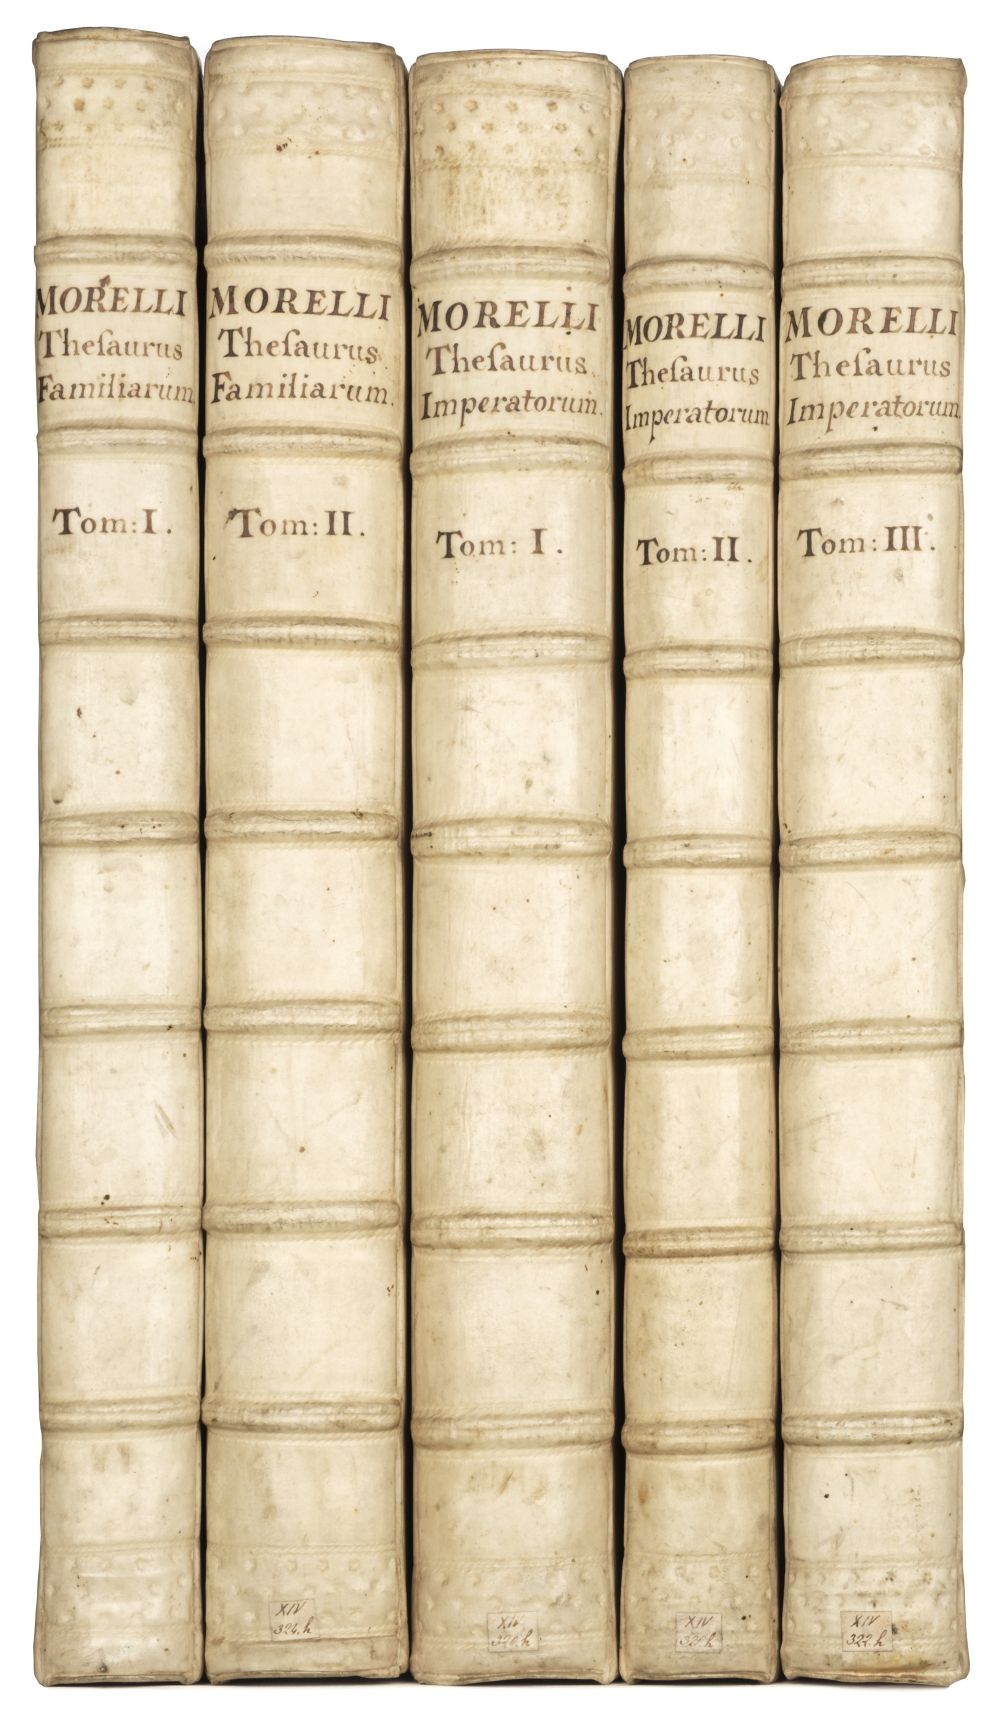 Morell (Andreas). Thesaurus Morellianus, 1734